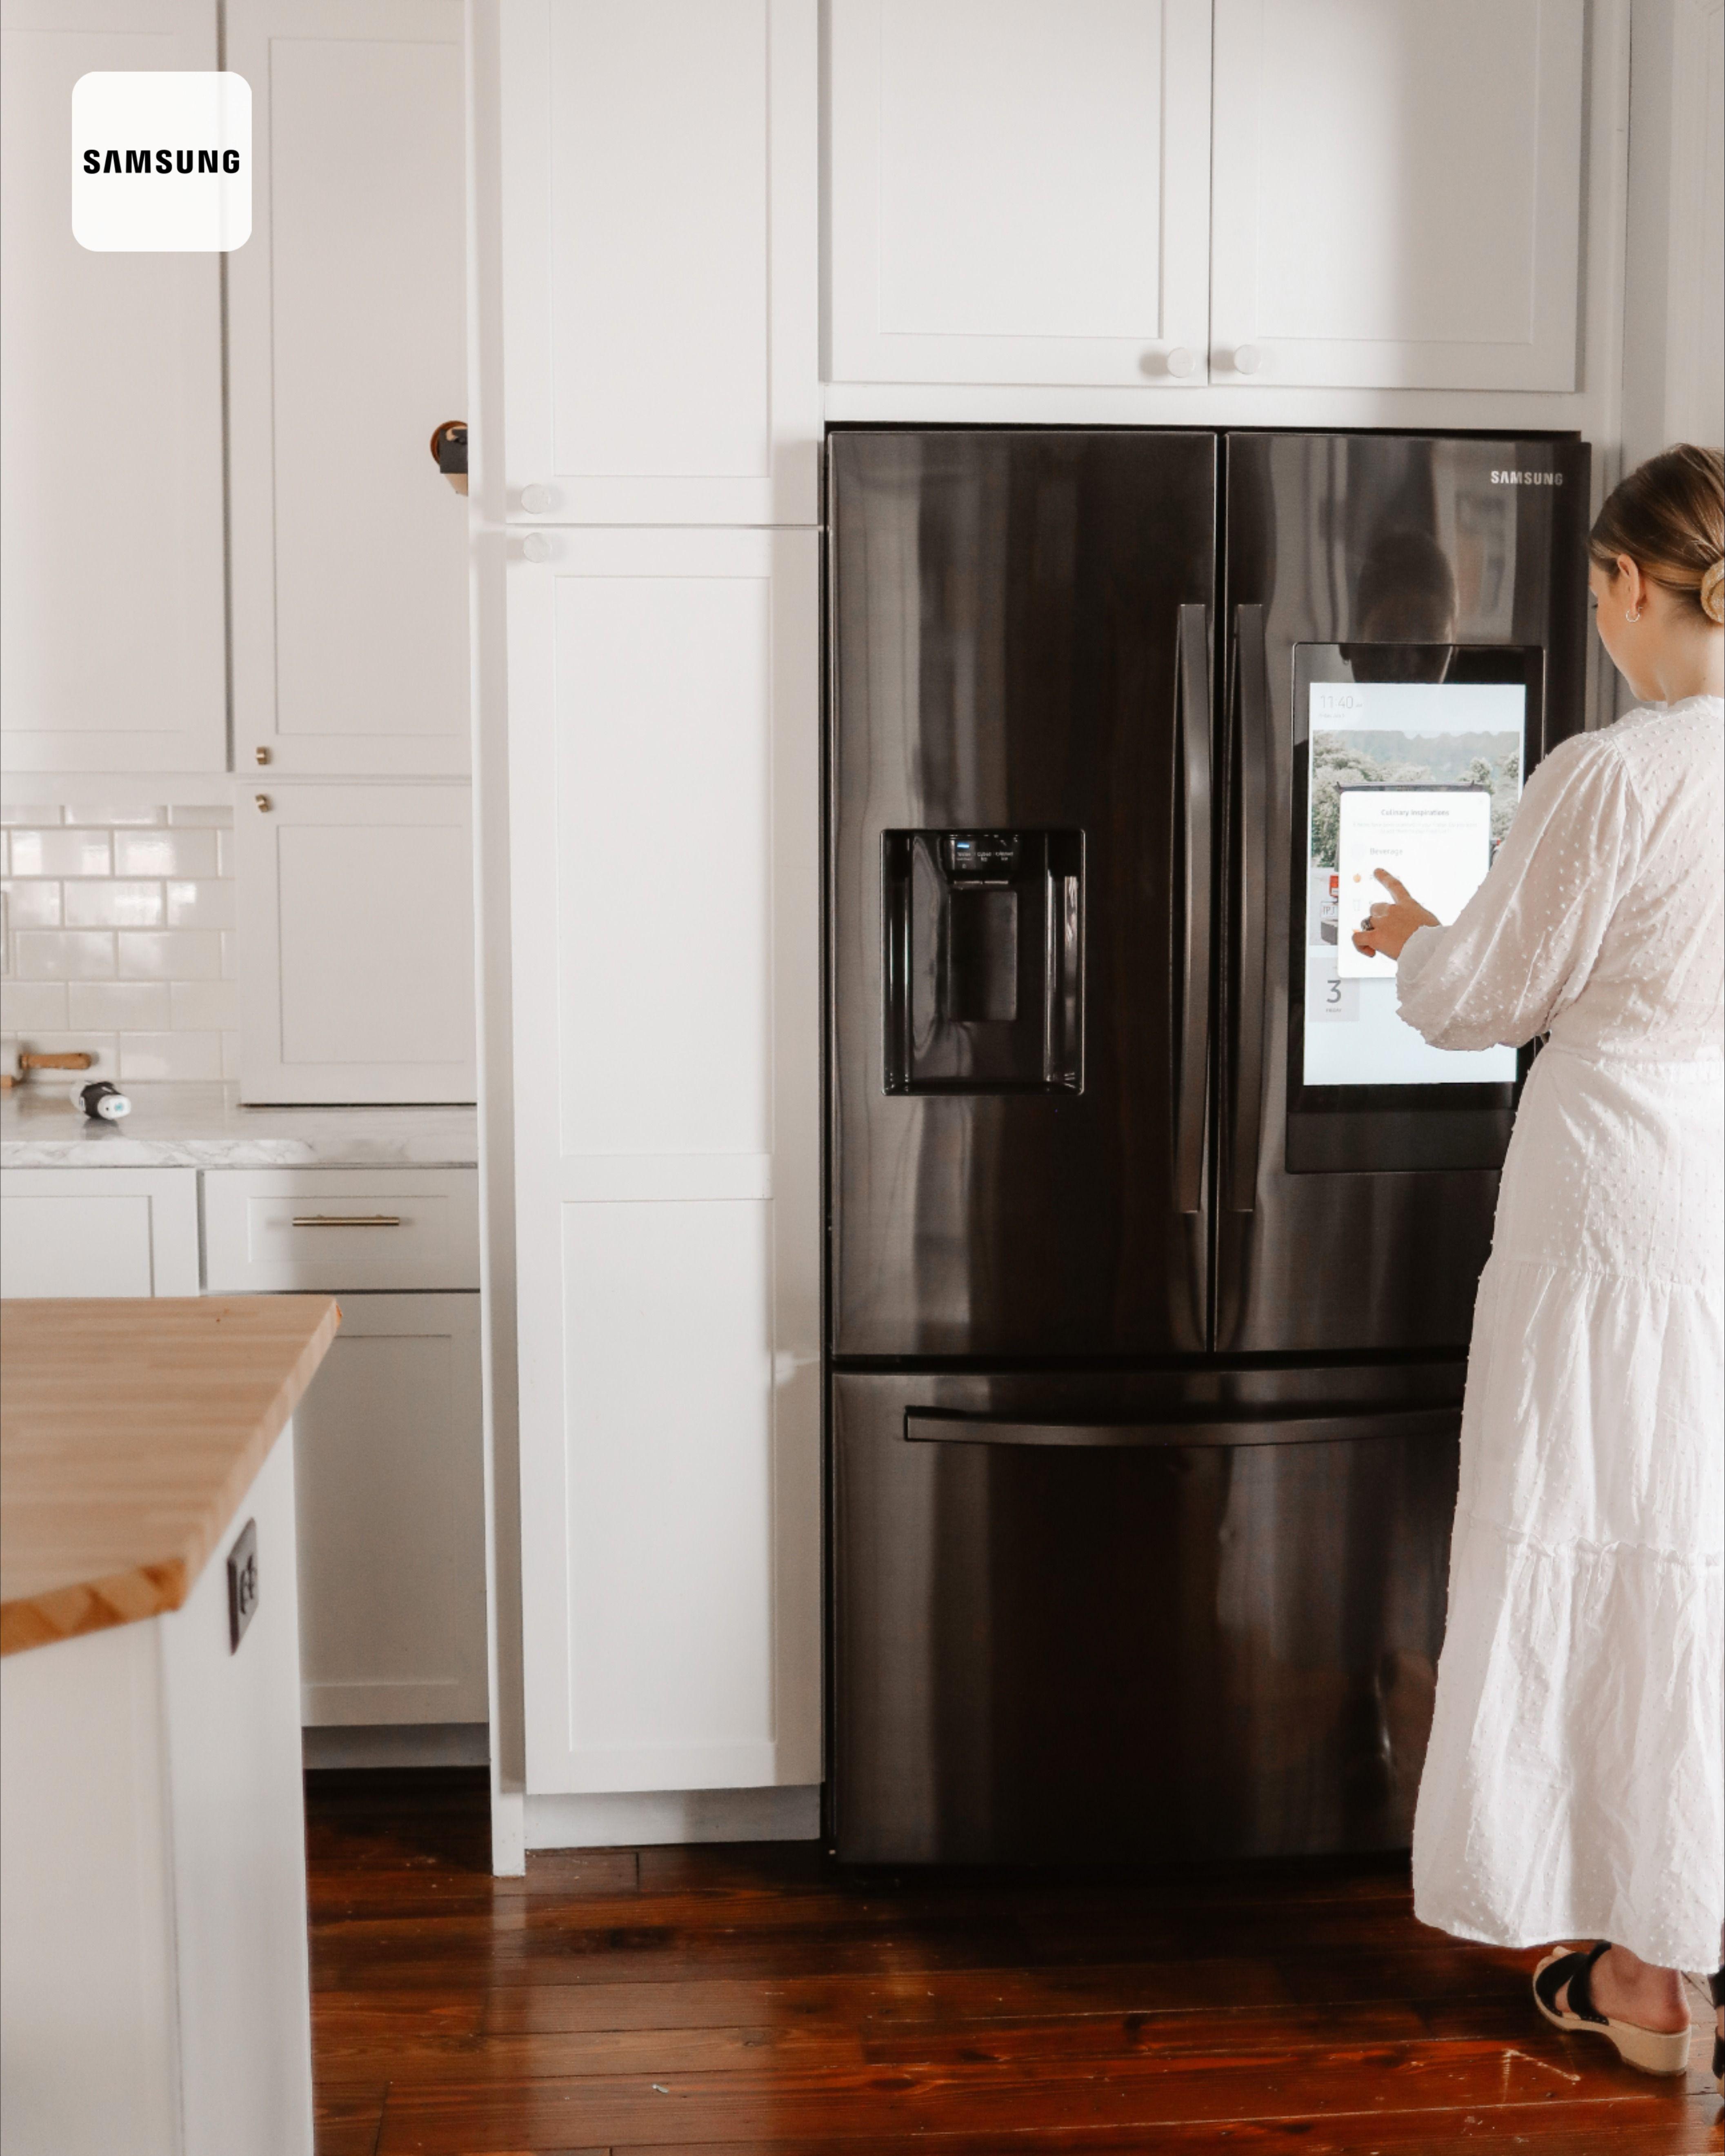 White Kitchen With Black Appliances In 2020 White Kitchen Black Appliances Kitchen Black Appliances